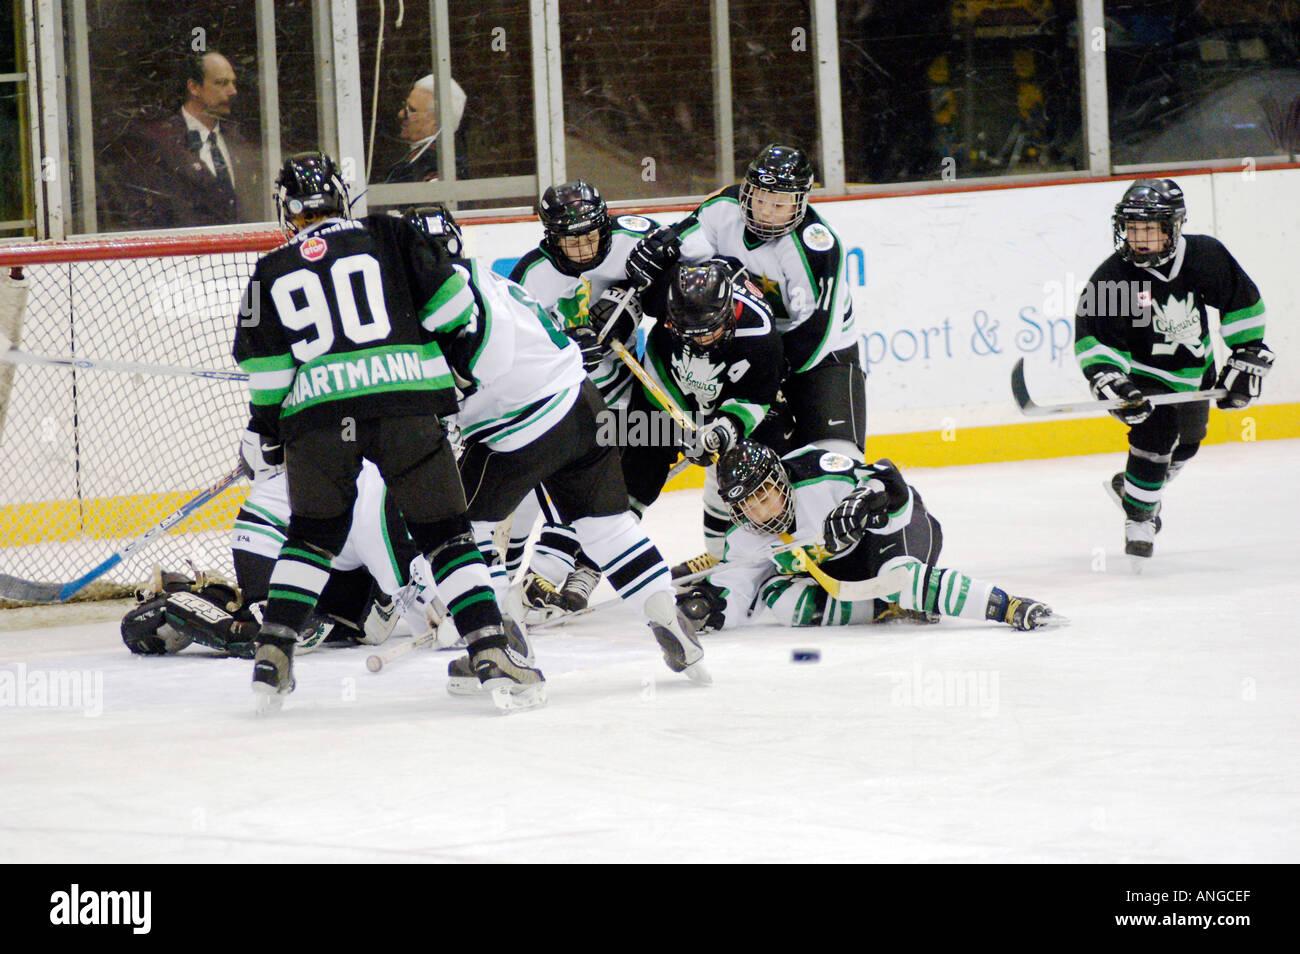 Tournoi de hockey sur glace International Silver Stick action séries éliminatoires de hockey à Port Photo Stock